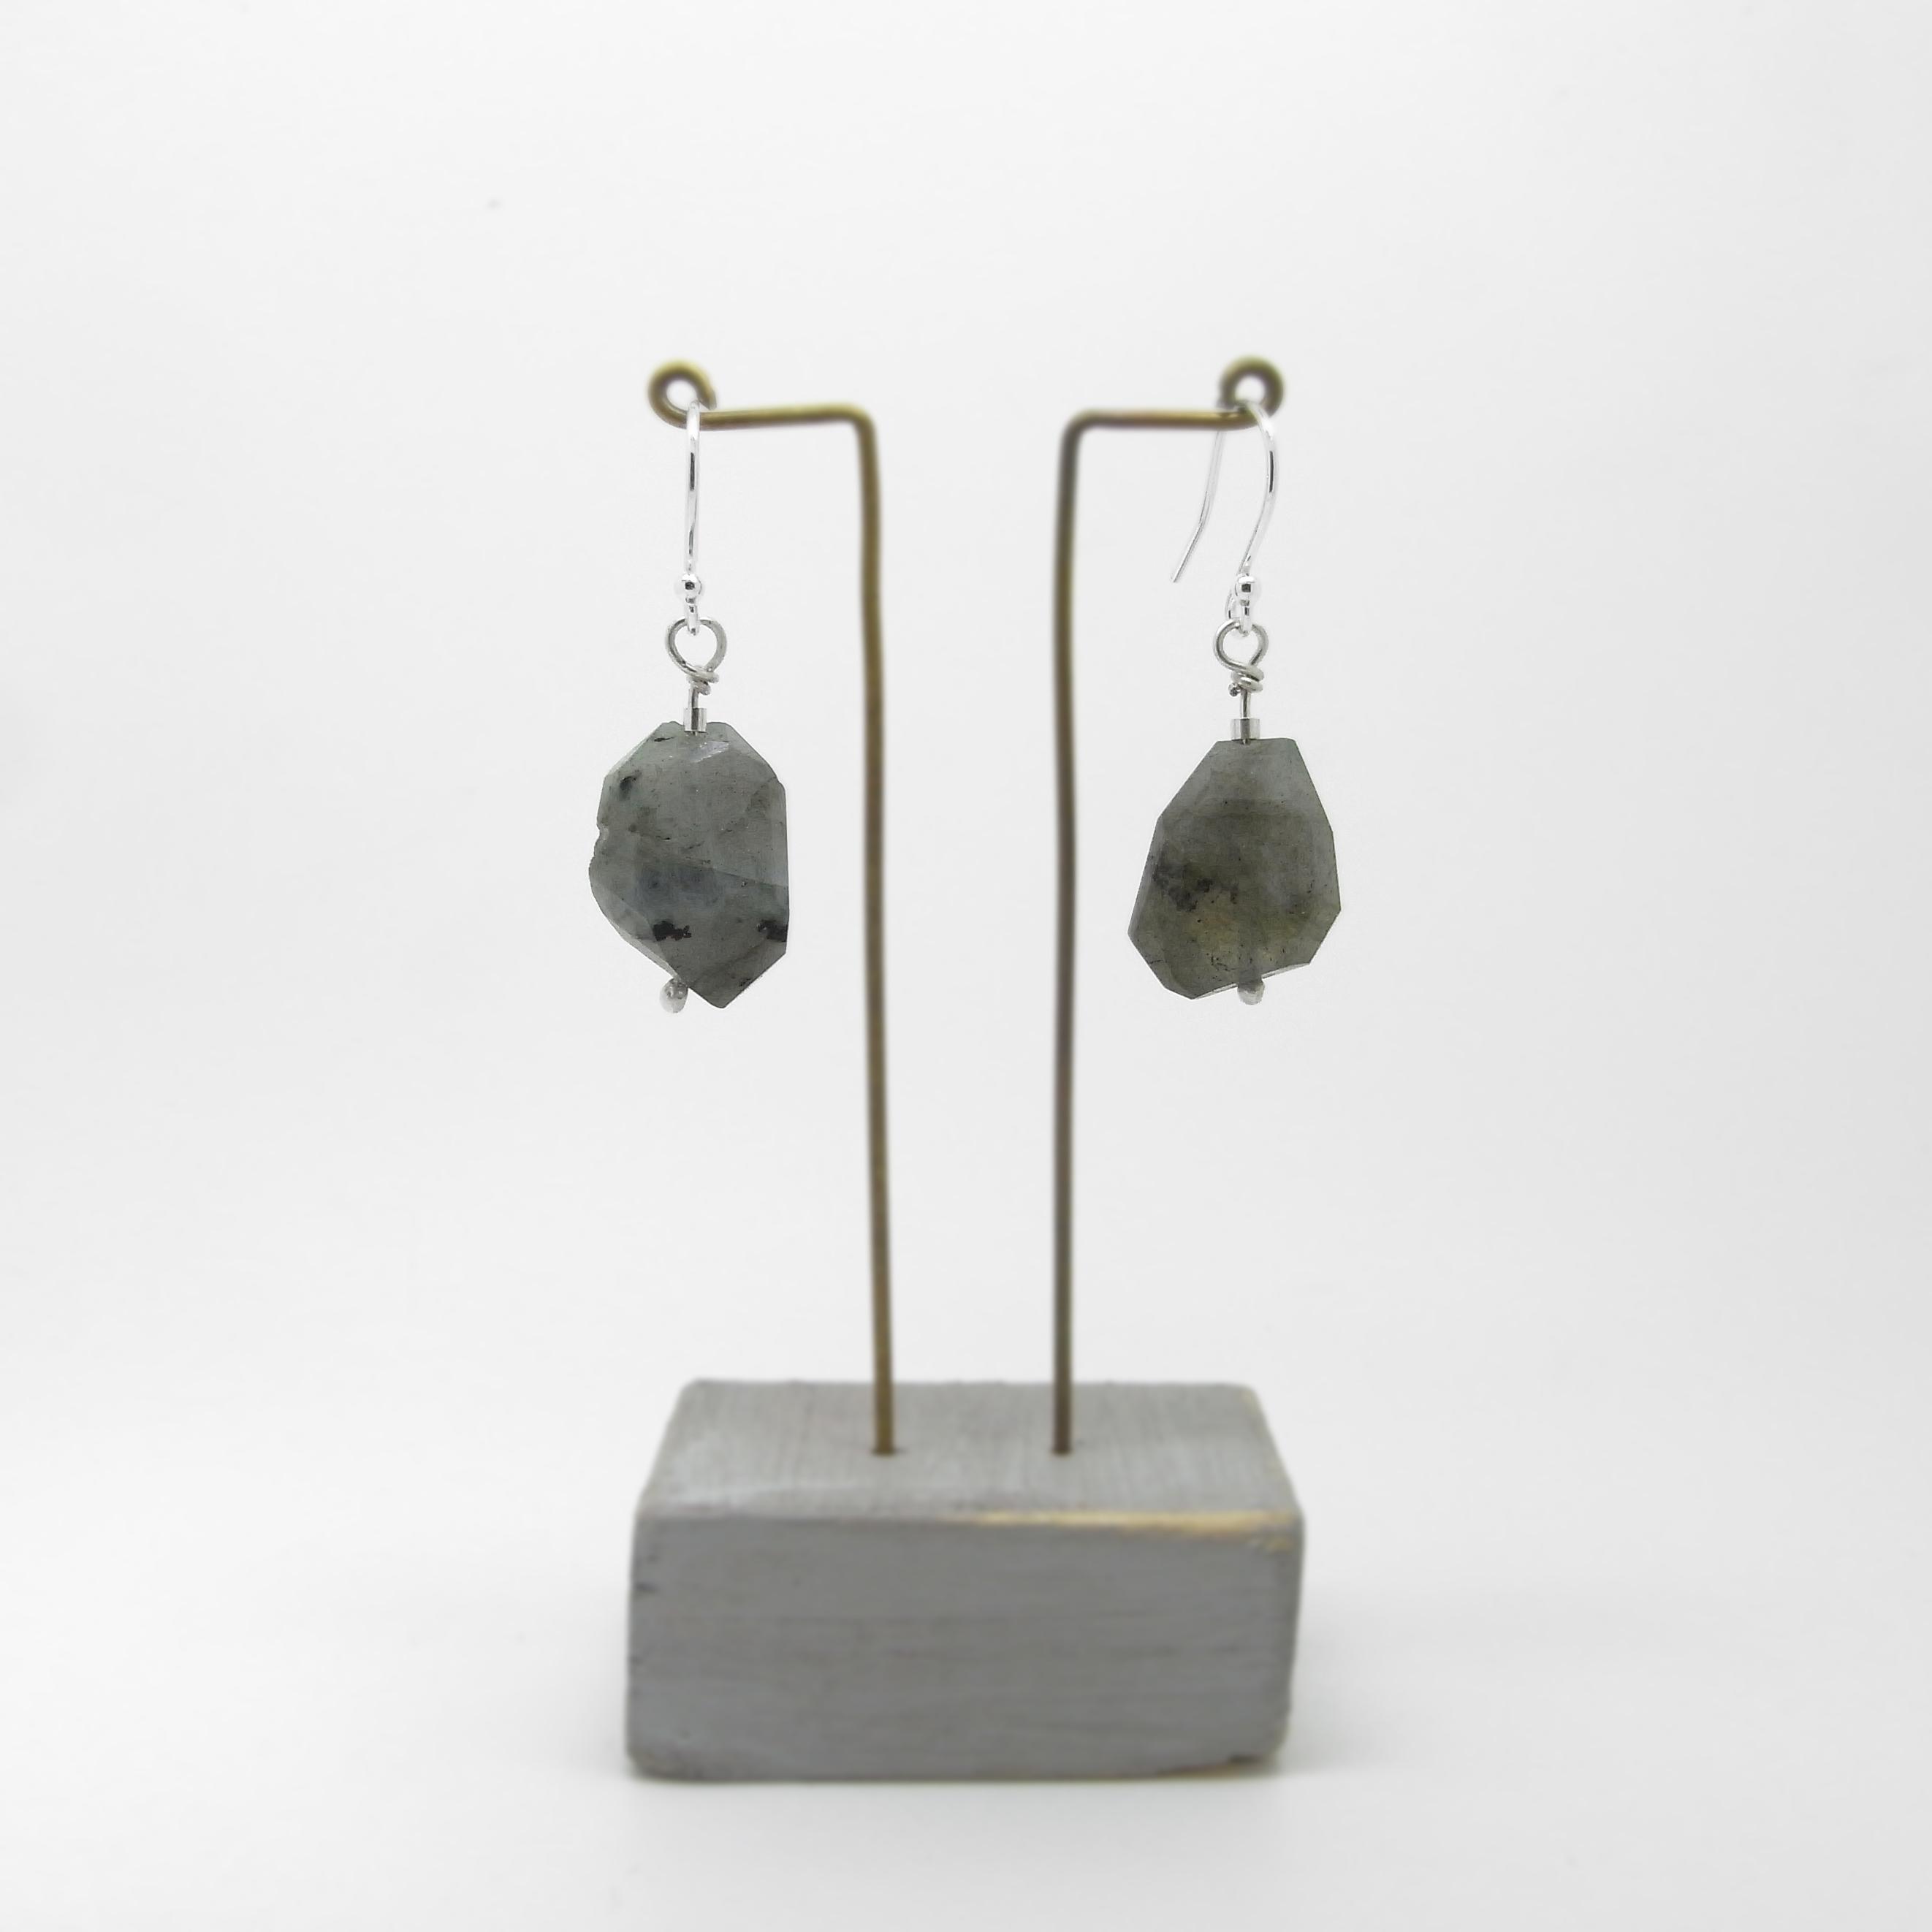 SALE - Labradorite Earrings